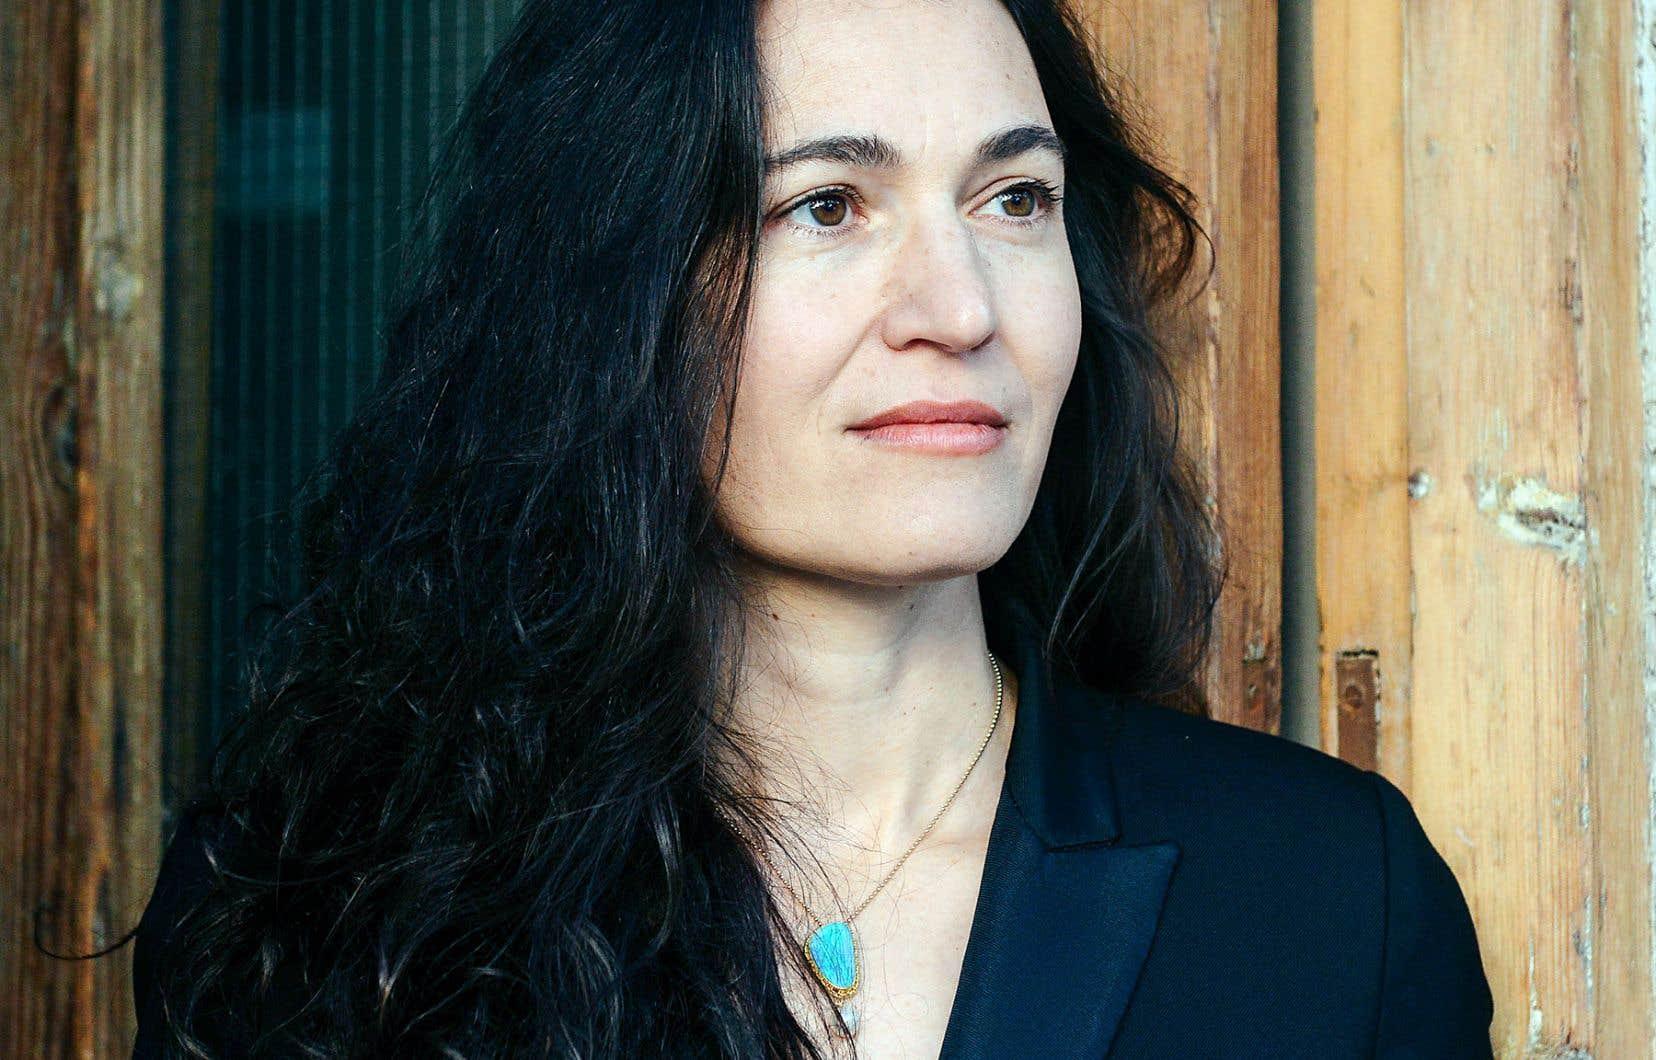 À 44ans, l'Américaine Nicole Krauss ne craint ni le vide ni la complexité.